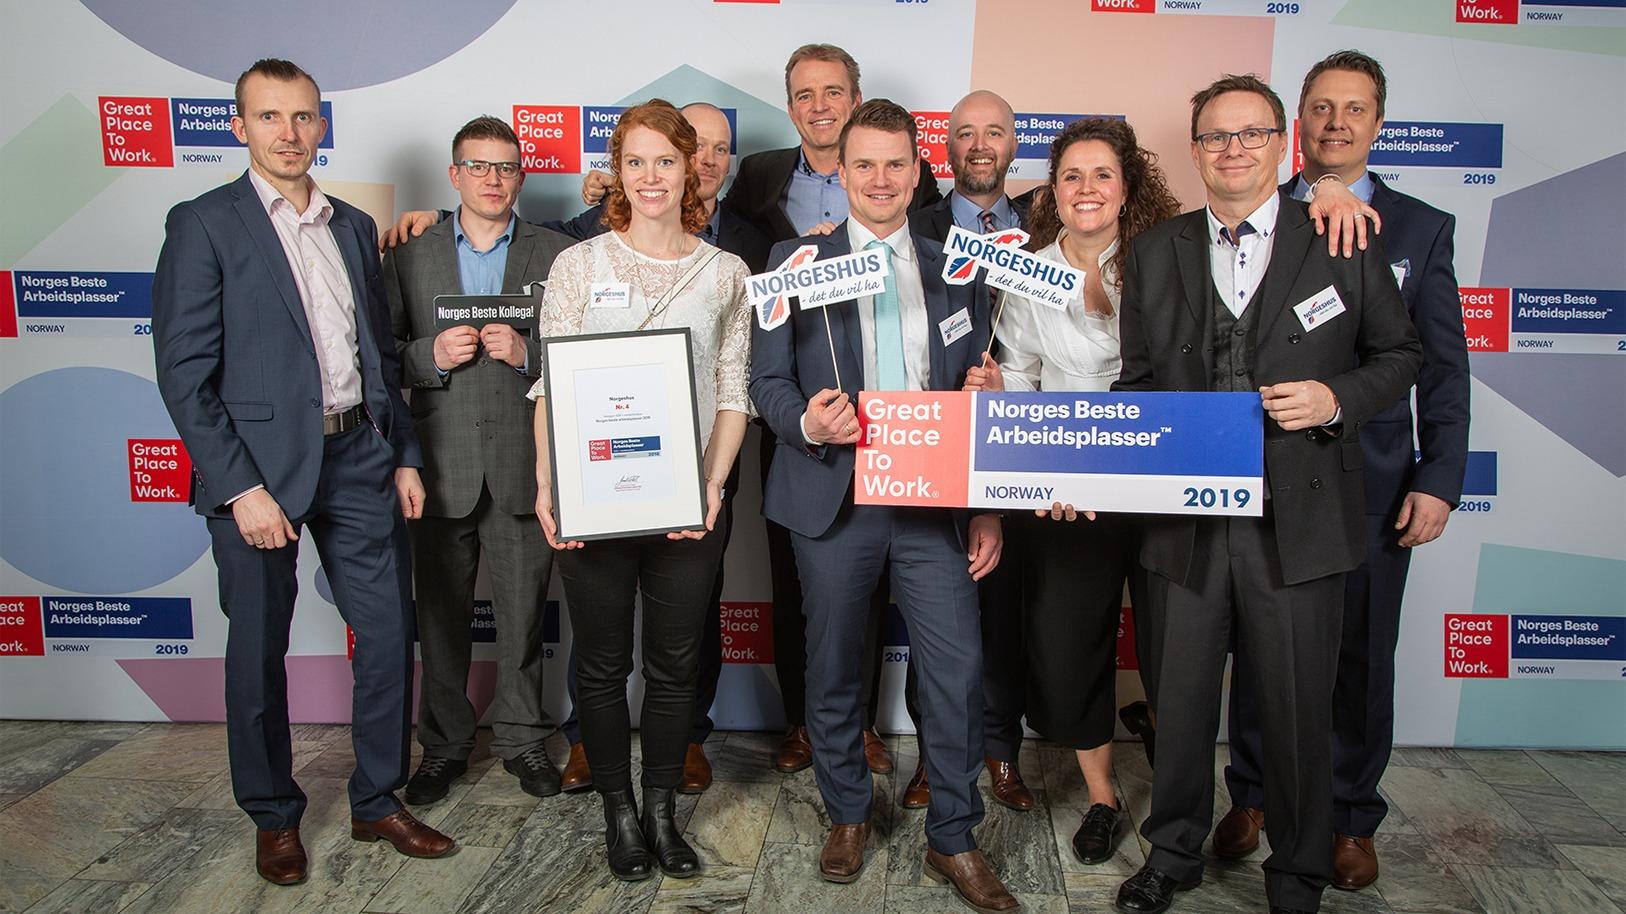 Representanter fra Hovedkontoret og noen av forhandlerne fikk æren av å ta imot prisen for Norges 4. beste arbeidsplass 2019.